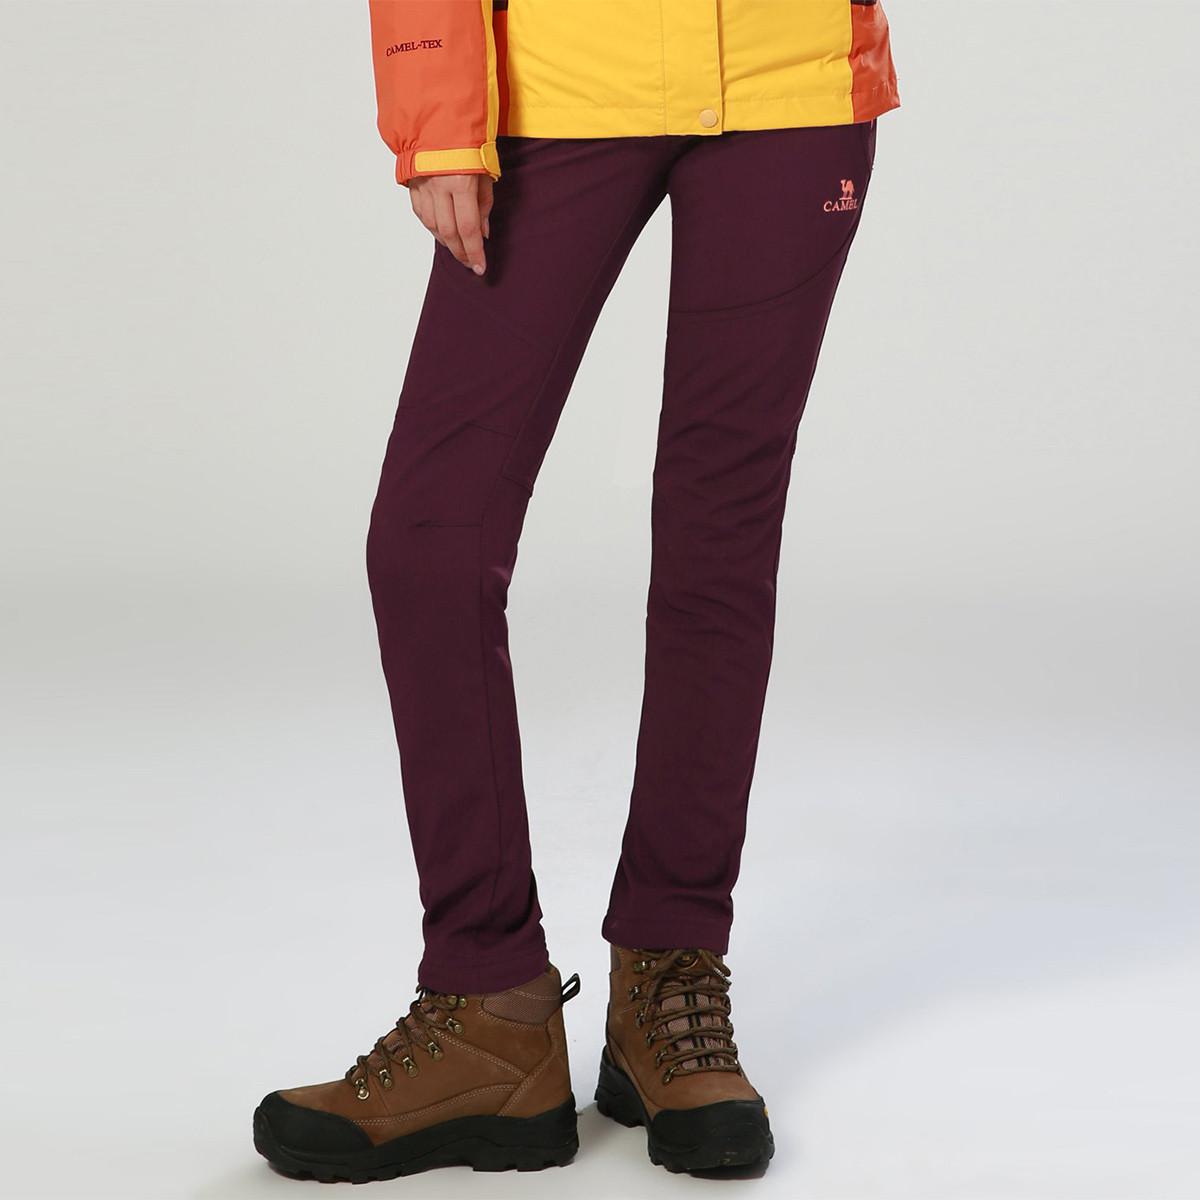 骆驼骆驼户外旅行休闲简约秋冬加厚登山裤舒适保暖加绒 女款软壳裤70A7W3118158250